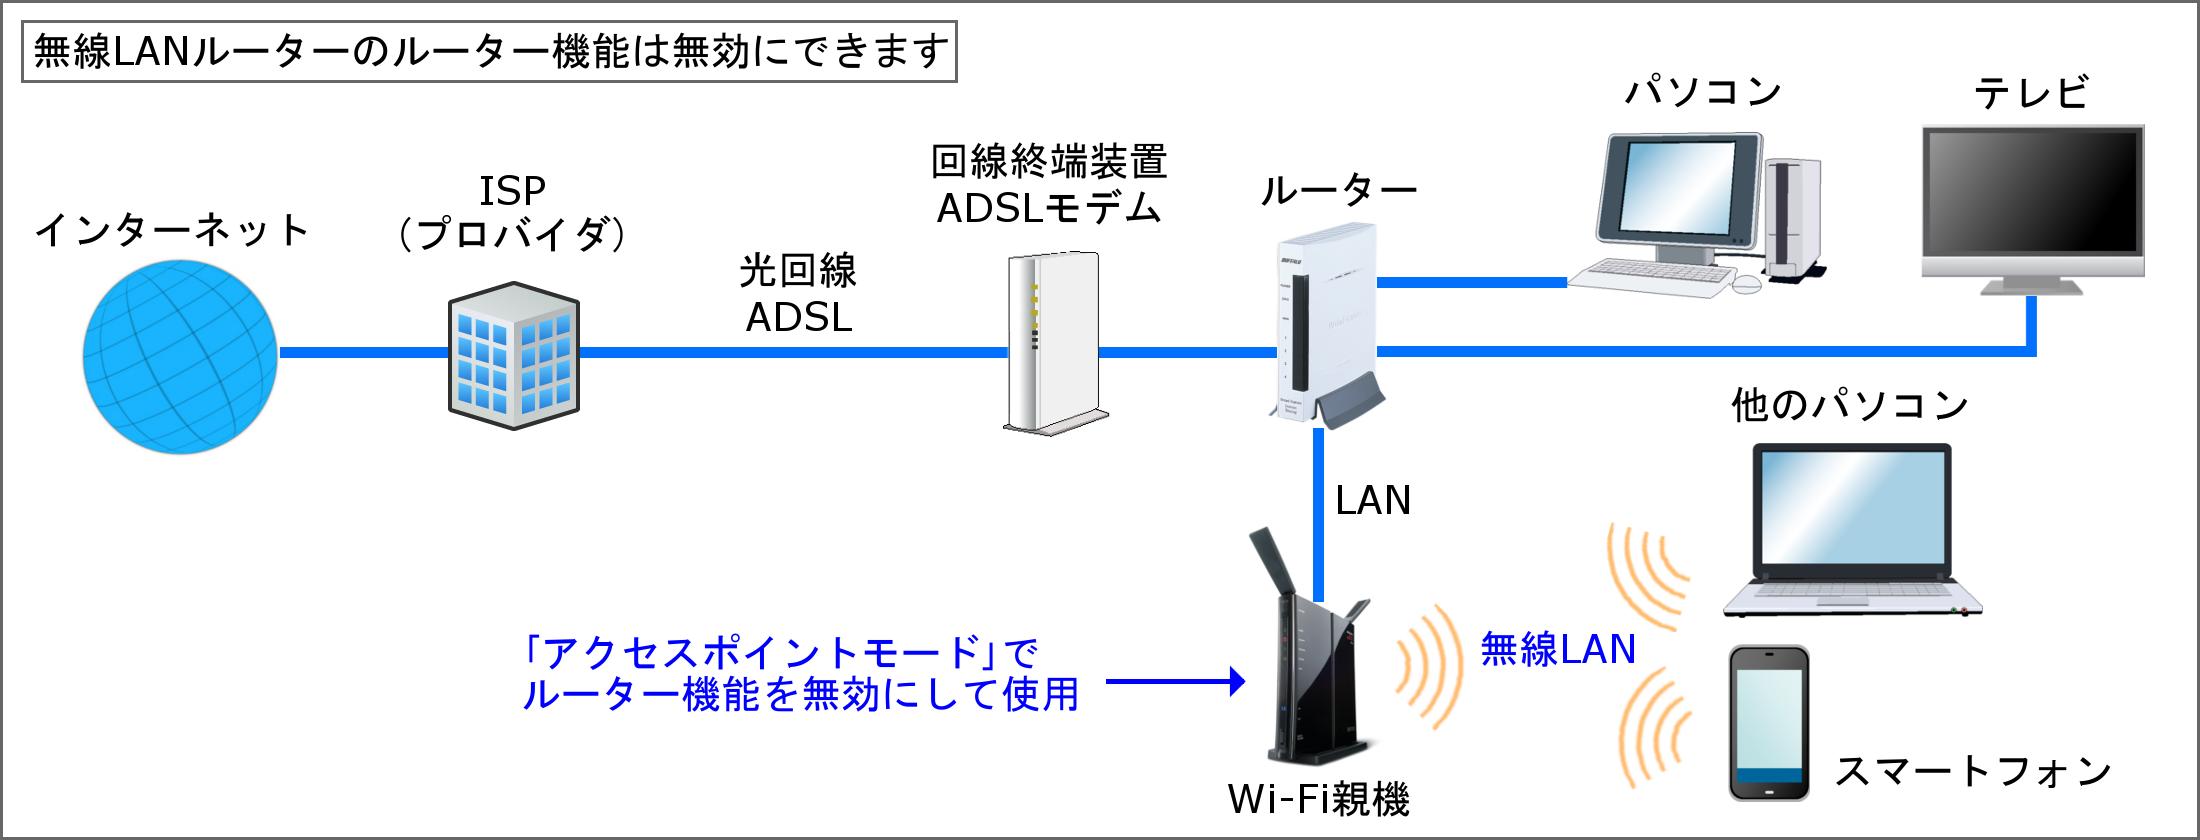 無線 lan ルーター